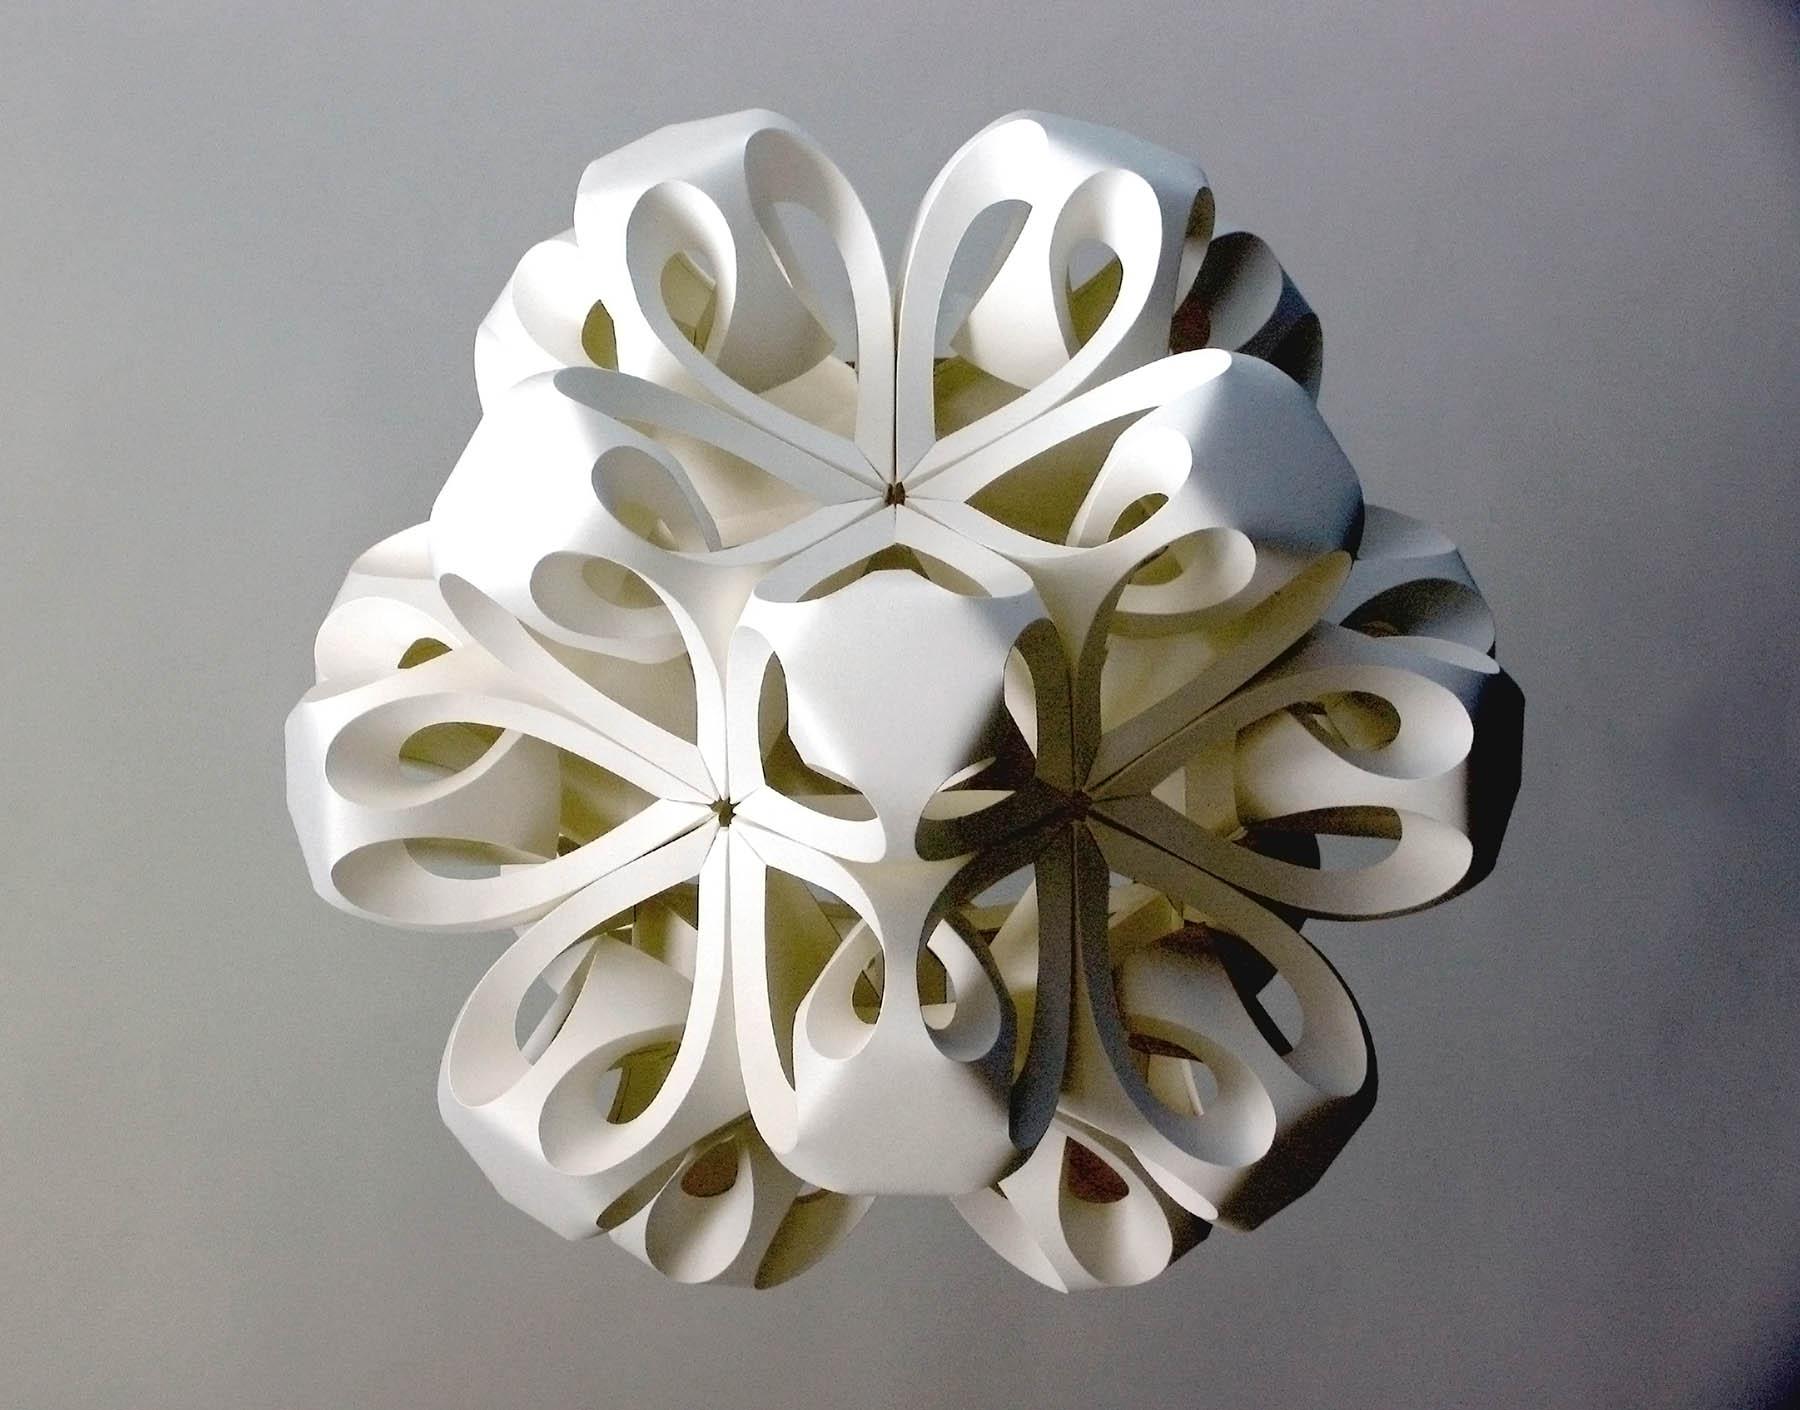 Sculptures en papier par Richard Sweeney